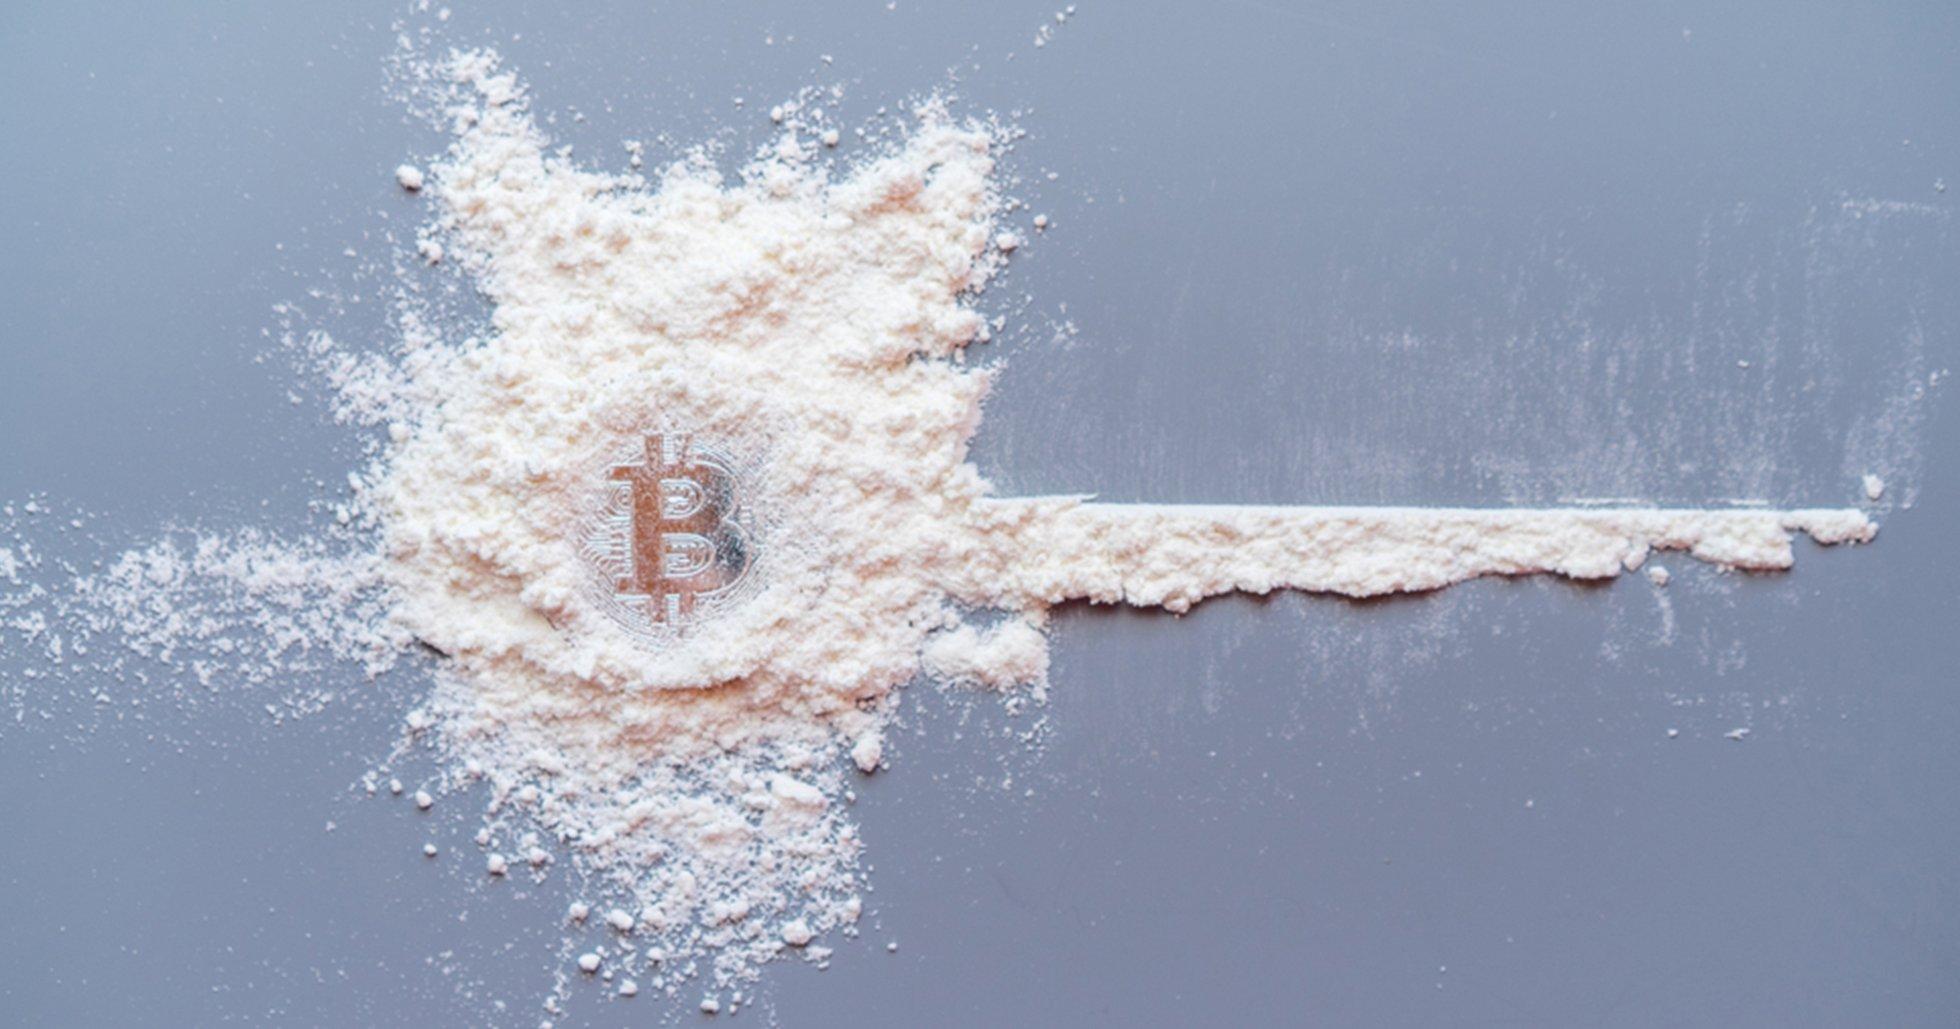 Gäng sålde knark för bitcoin – döms till långa fängelsestraff